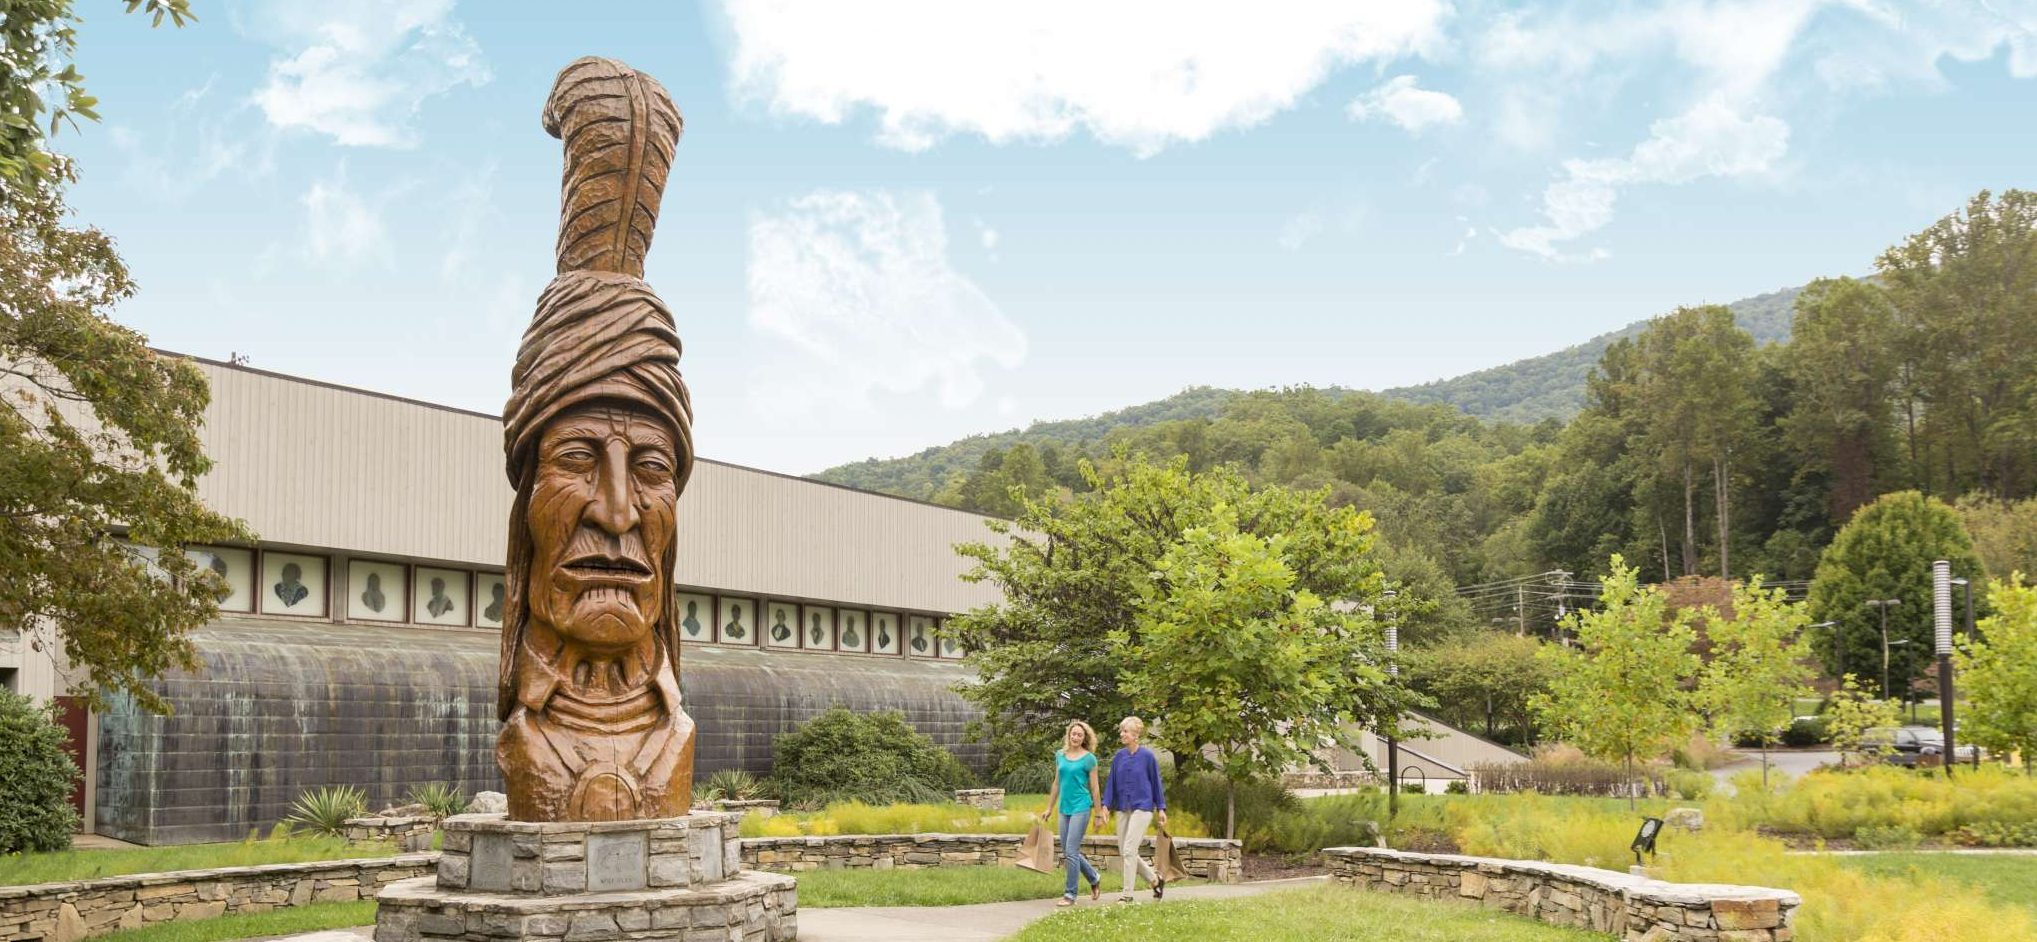 Museum of Cherokee Indian